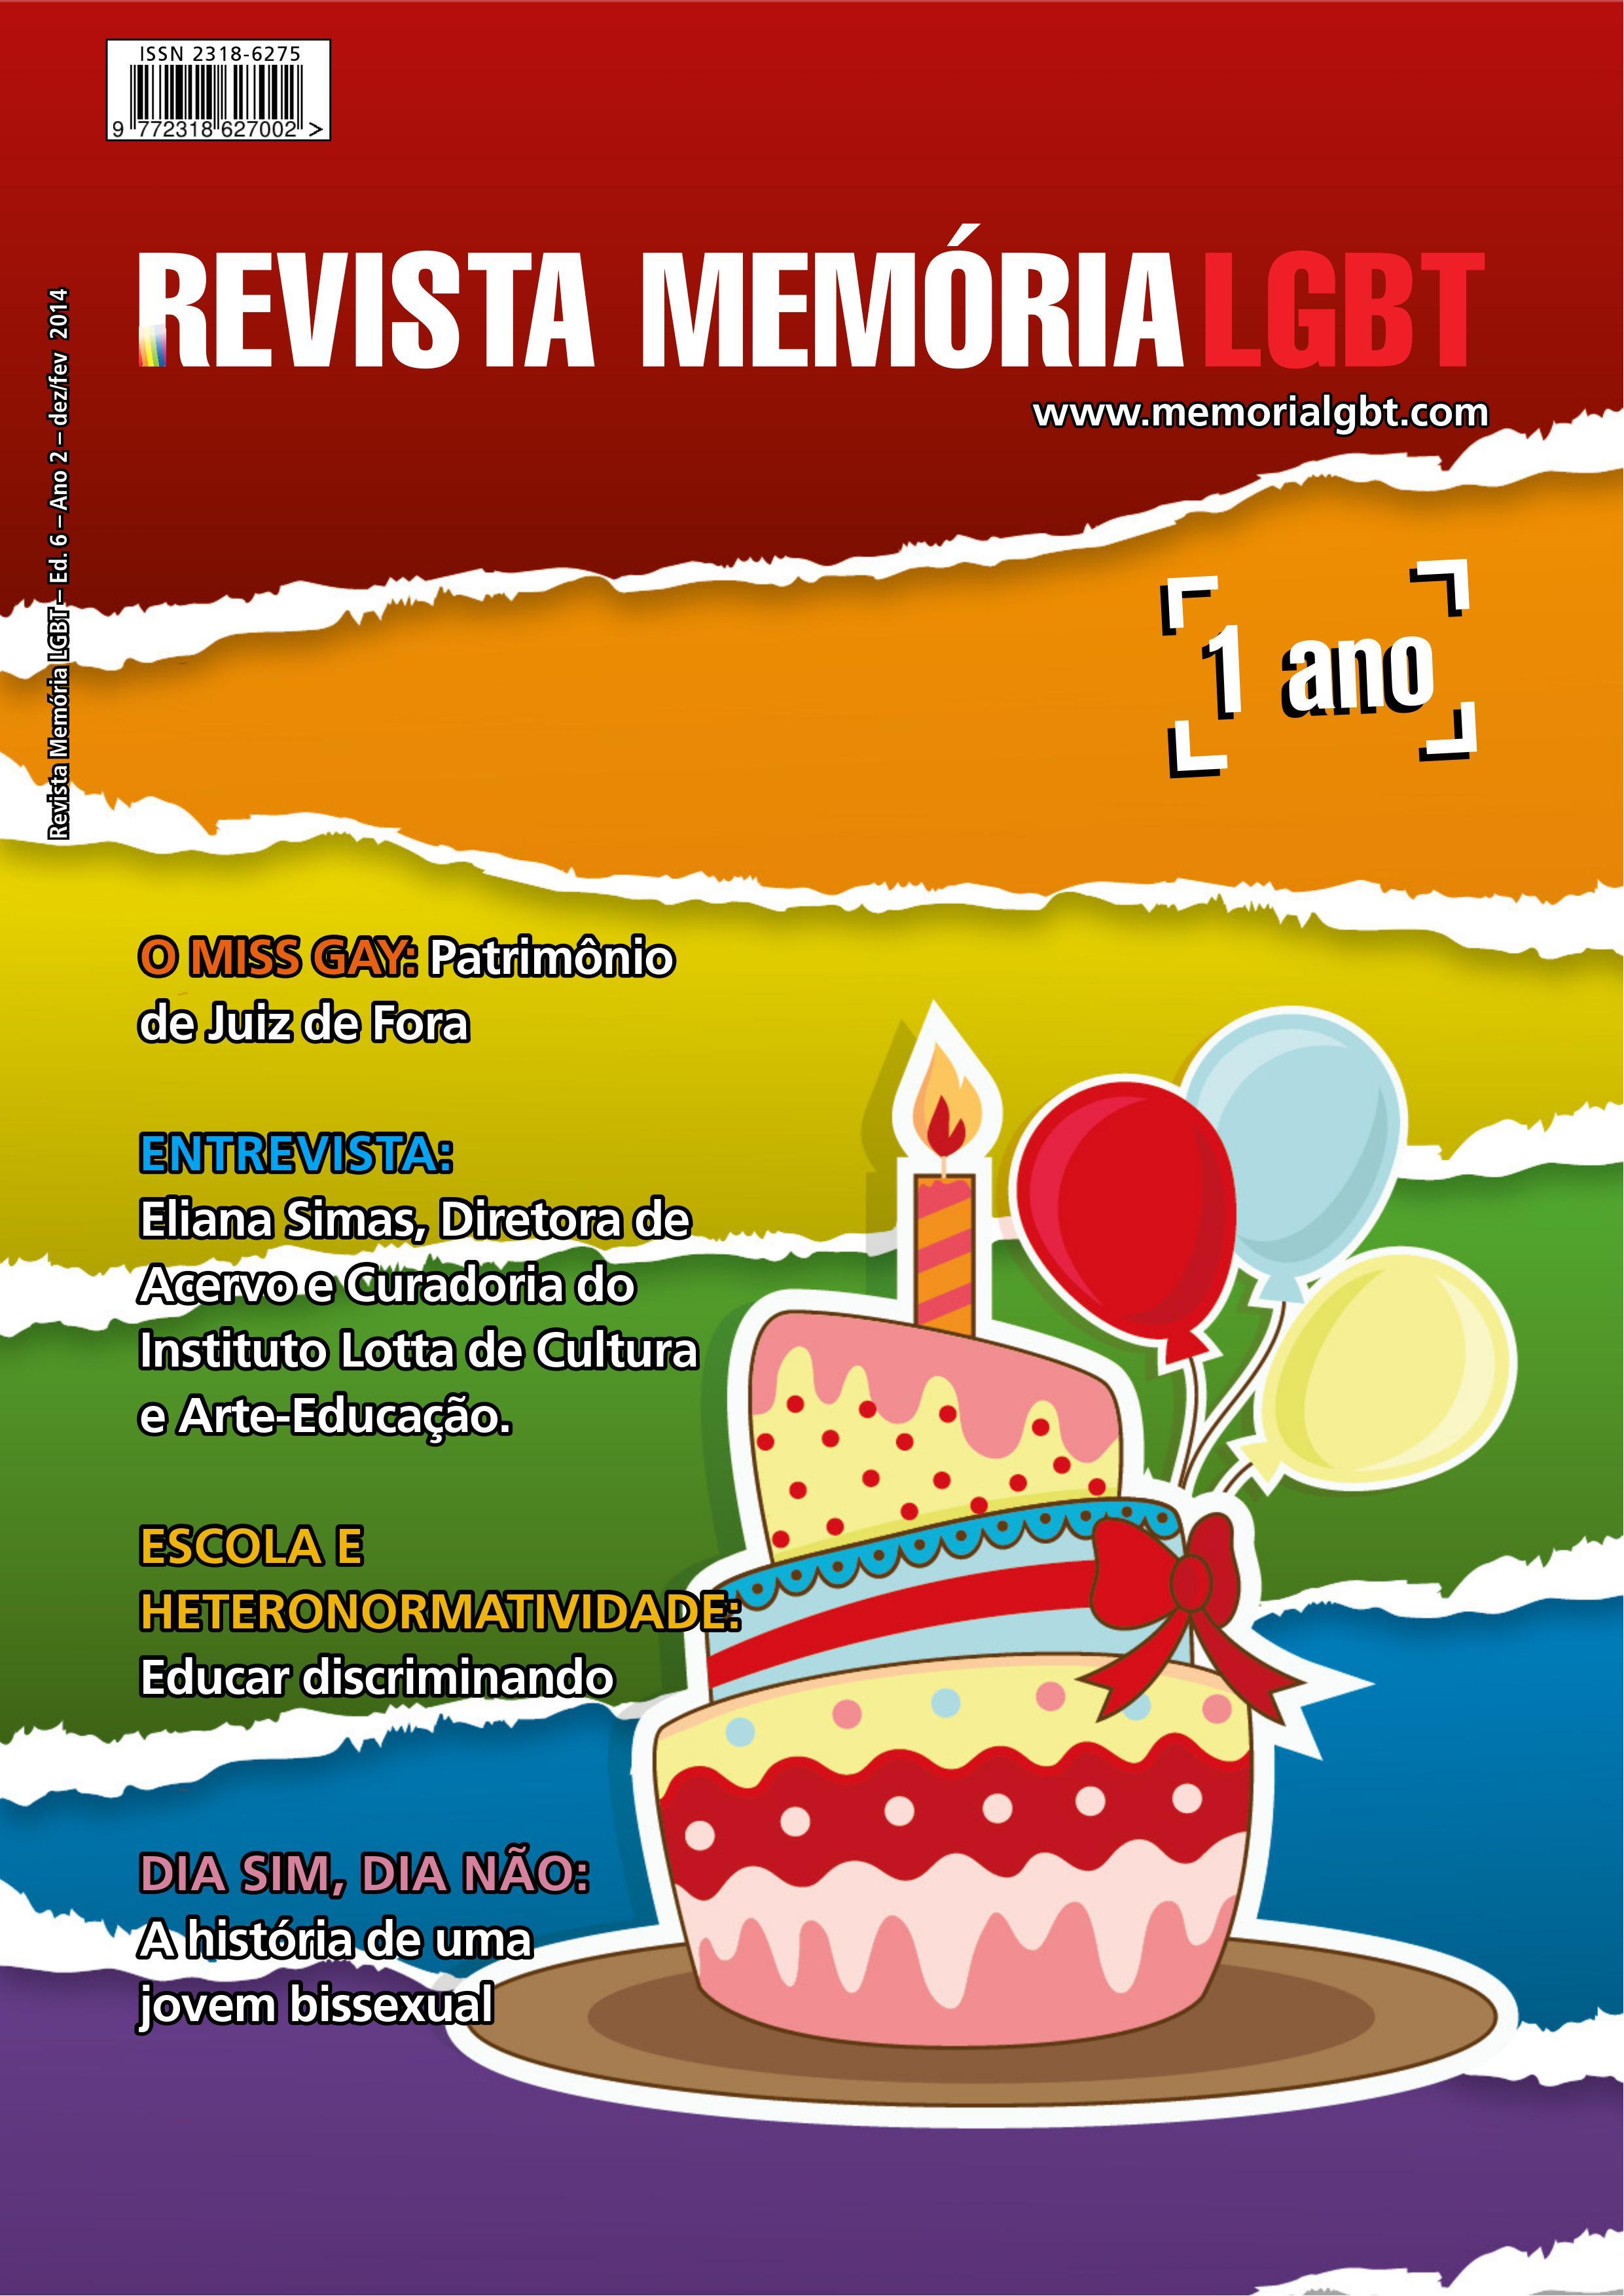 Revista Memória LGBT - Edição 6